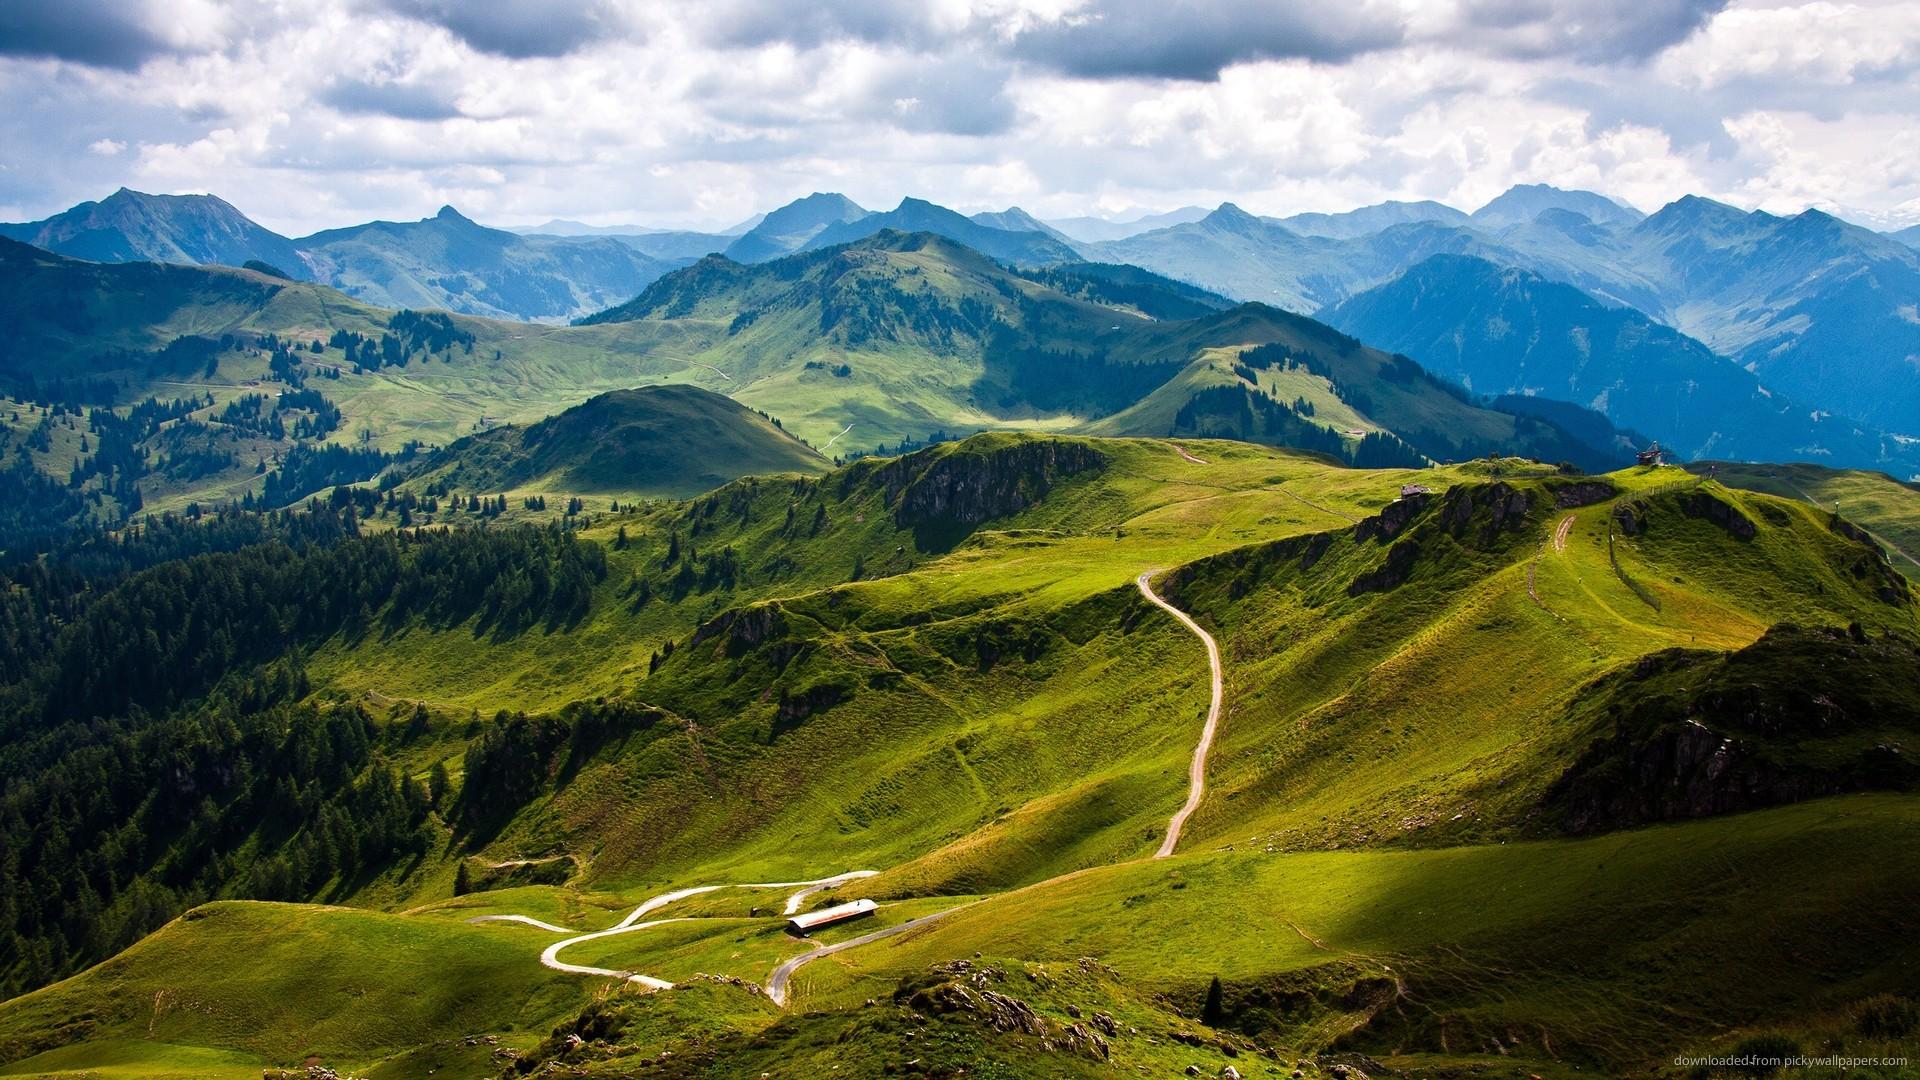 ... Austrian Landscape for 1920x1080